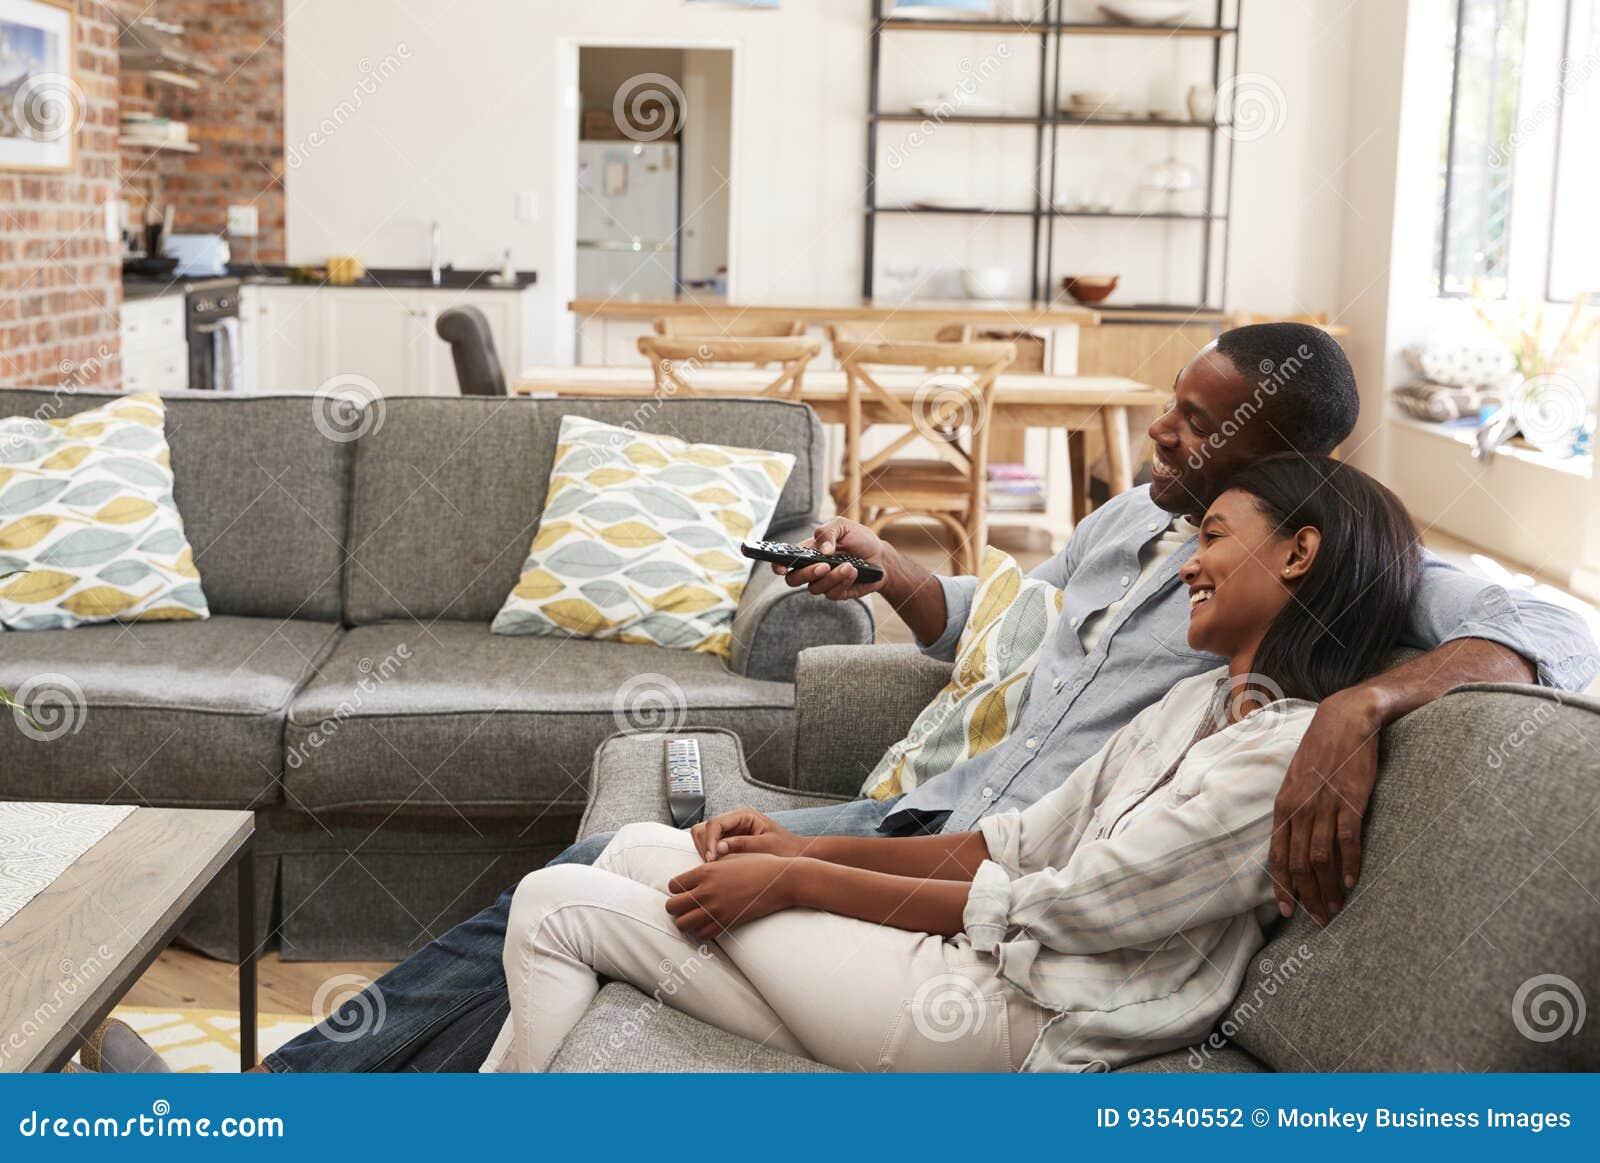 Paar-Sit On Sofa In Open-Plan-Aufenthaltsraum-aufpassendes Fernsehen